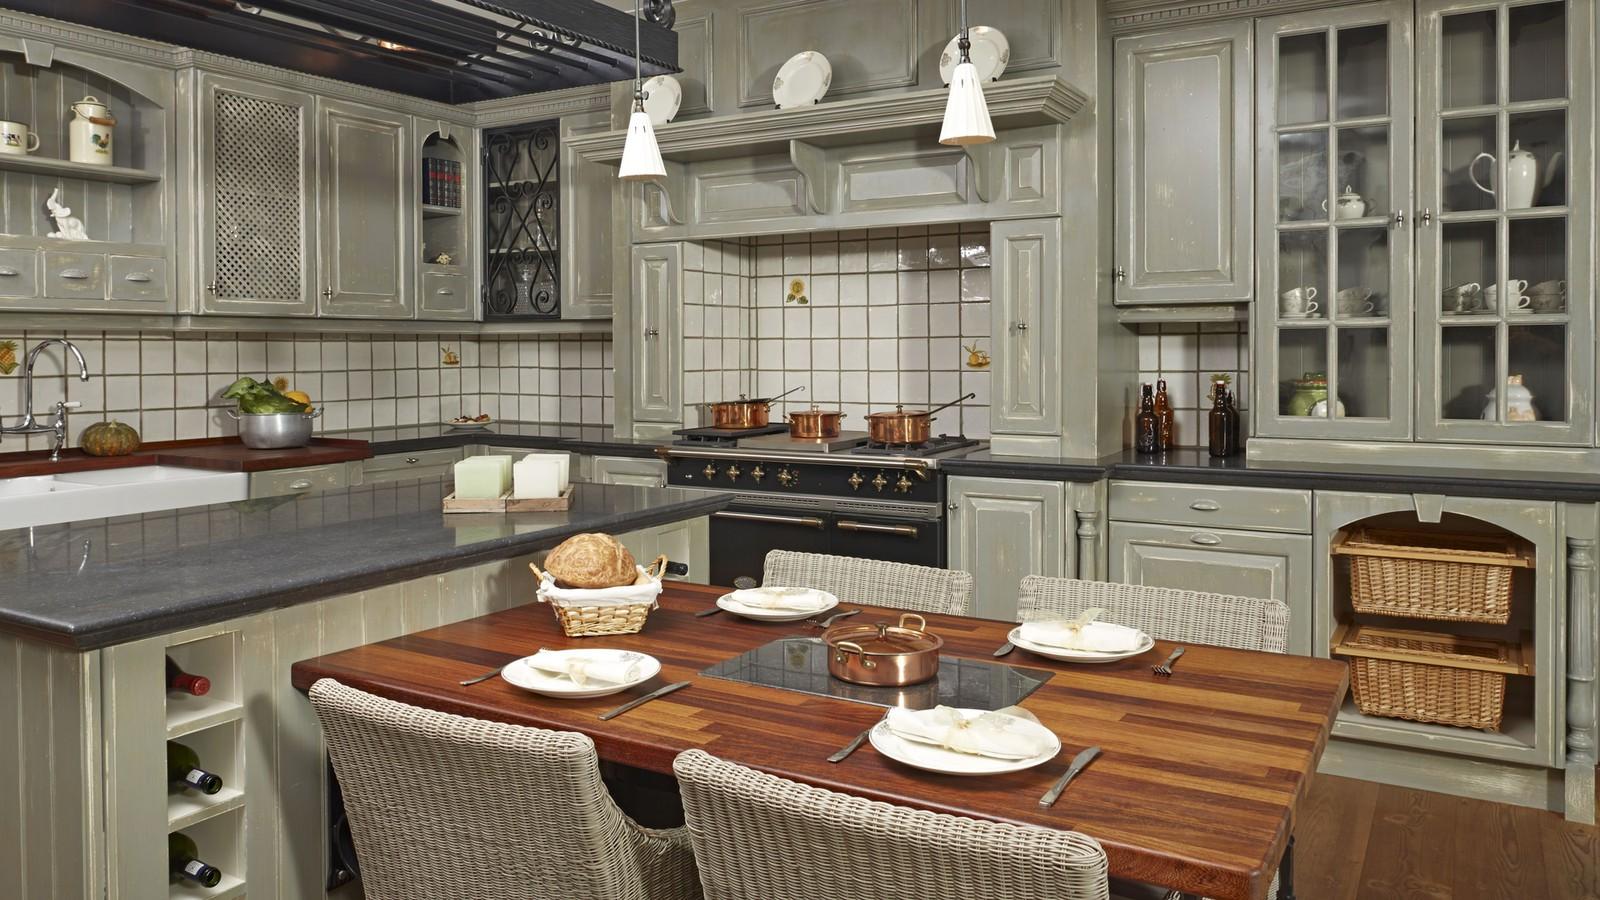 Geel De Keuken : V o lux design keukens badkamers maatwerk balen geel keukens